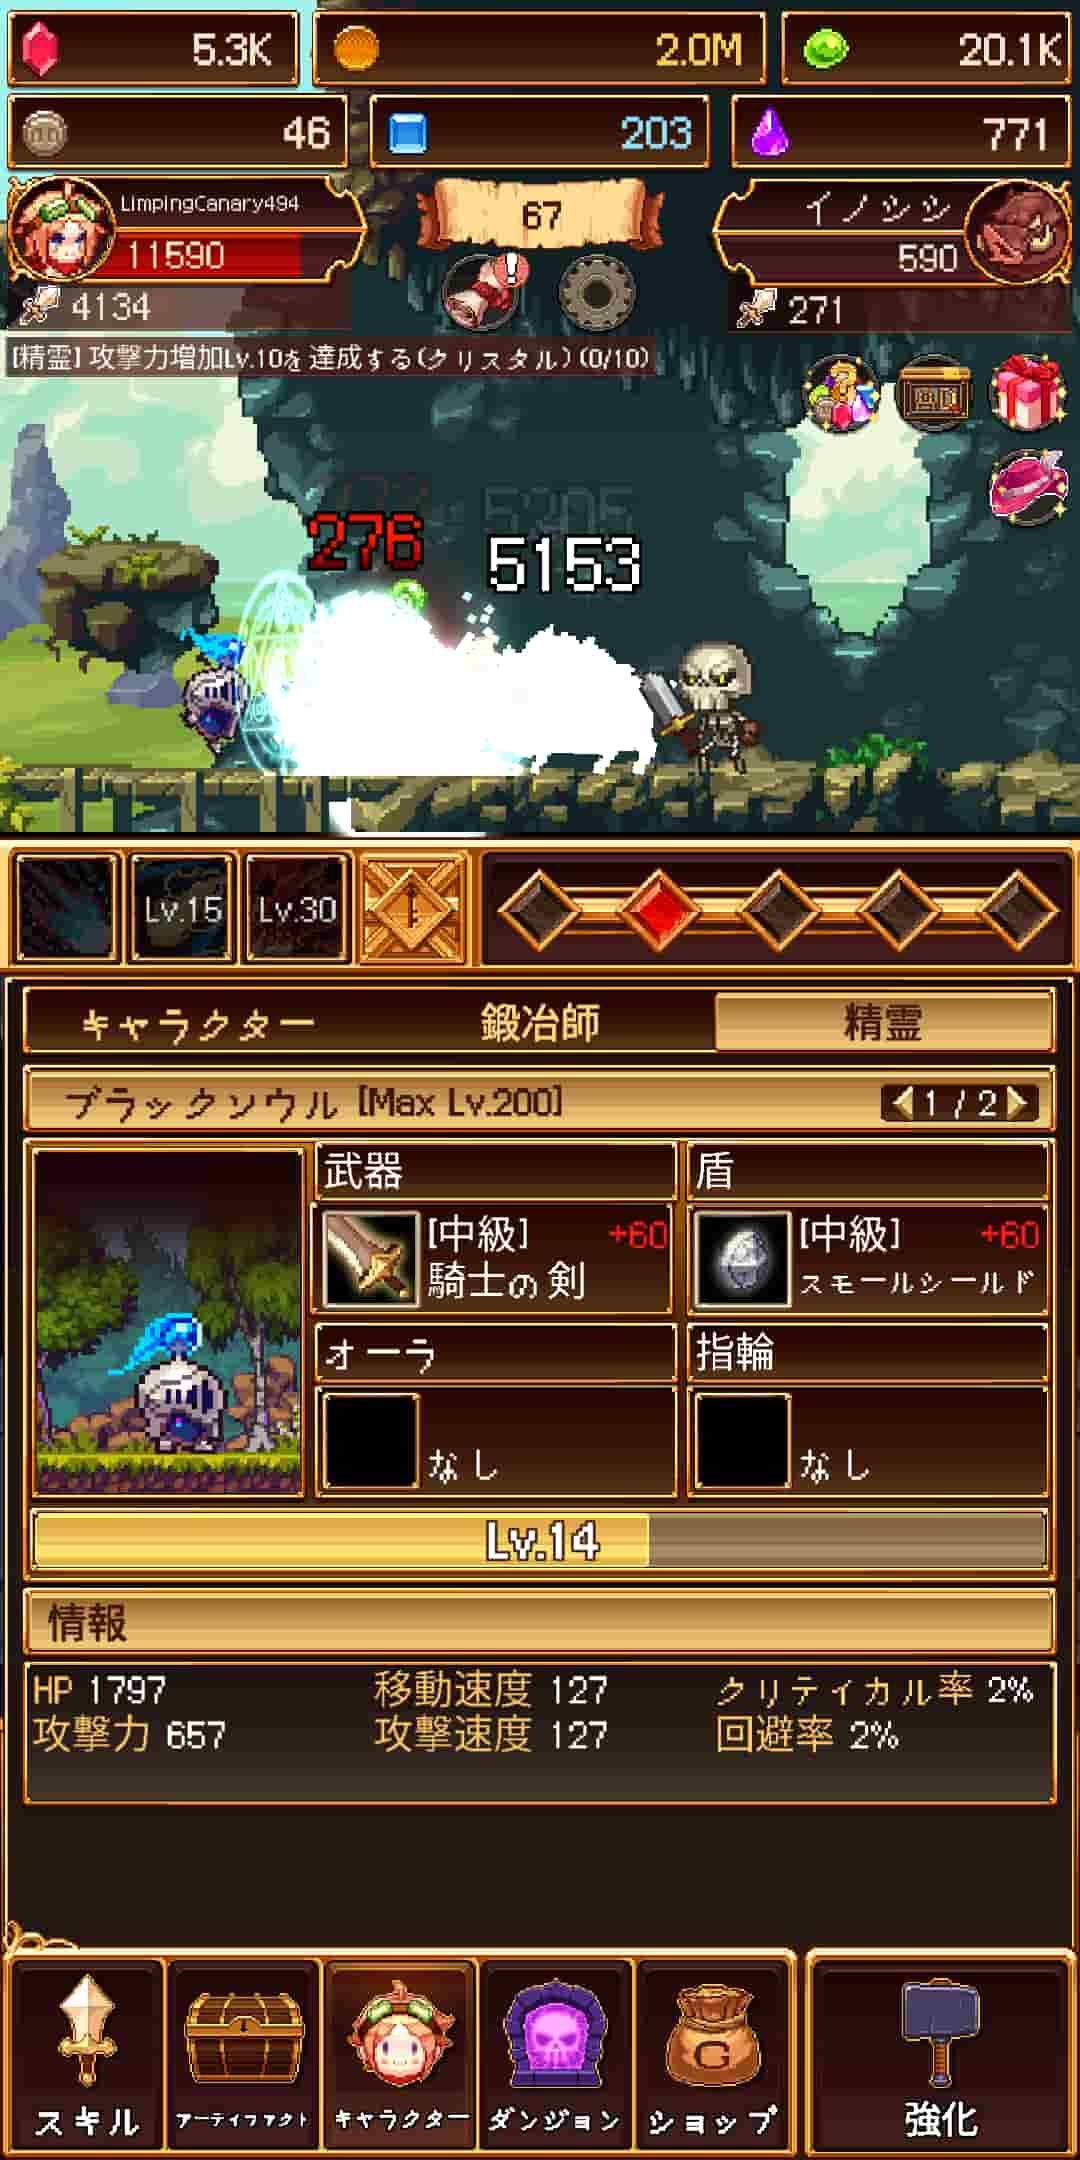 快感MAXのインフレ育成RPG!